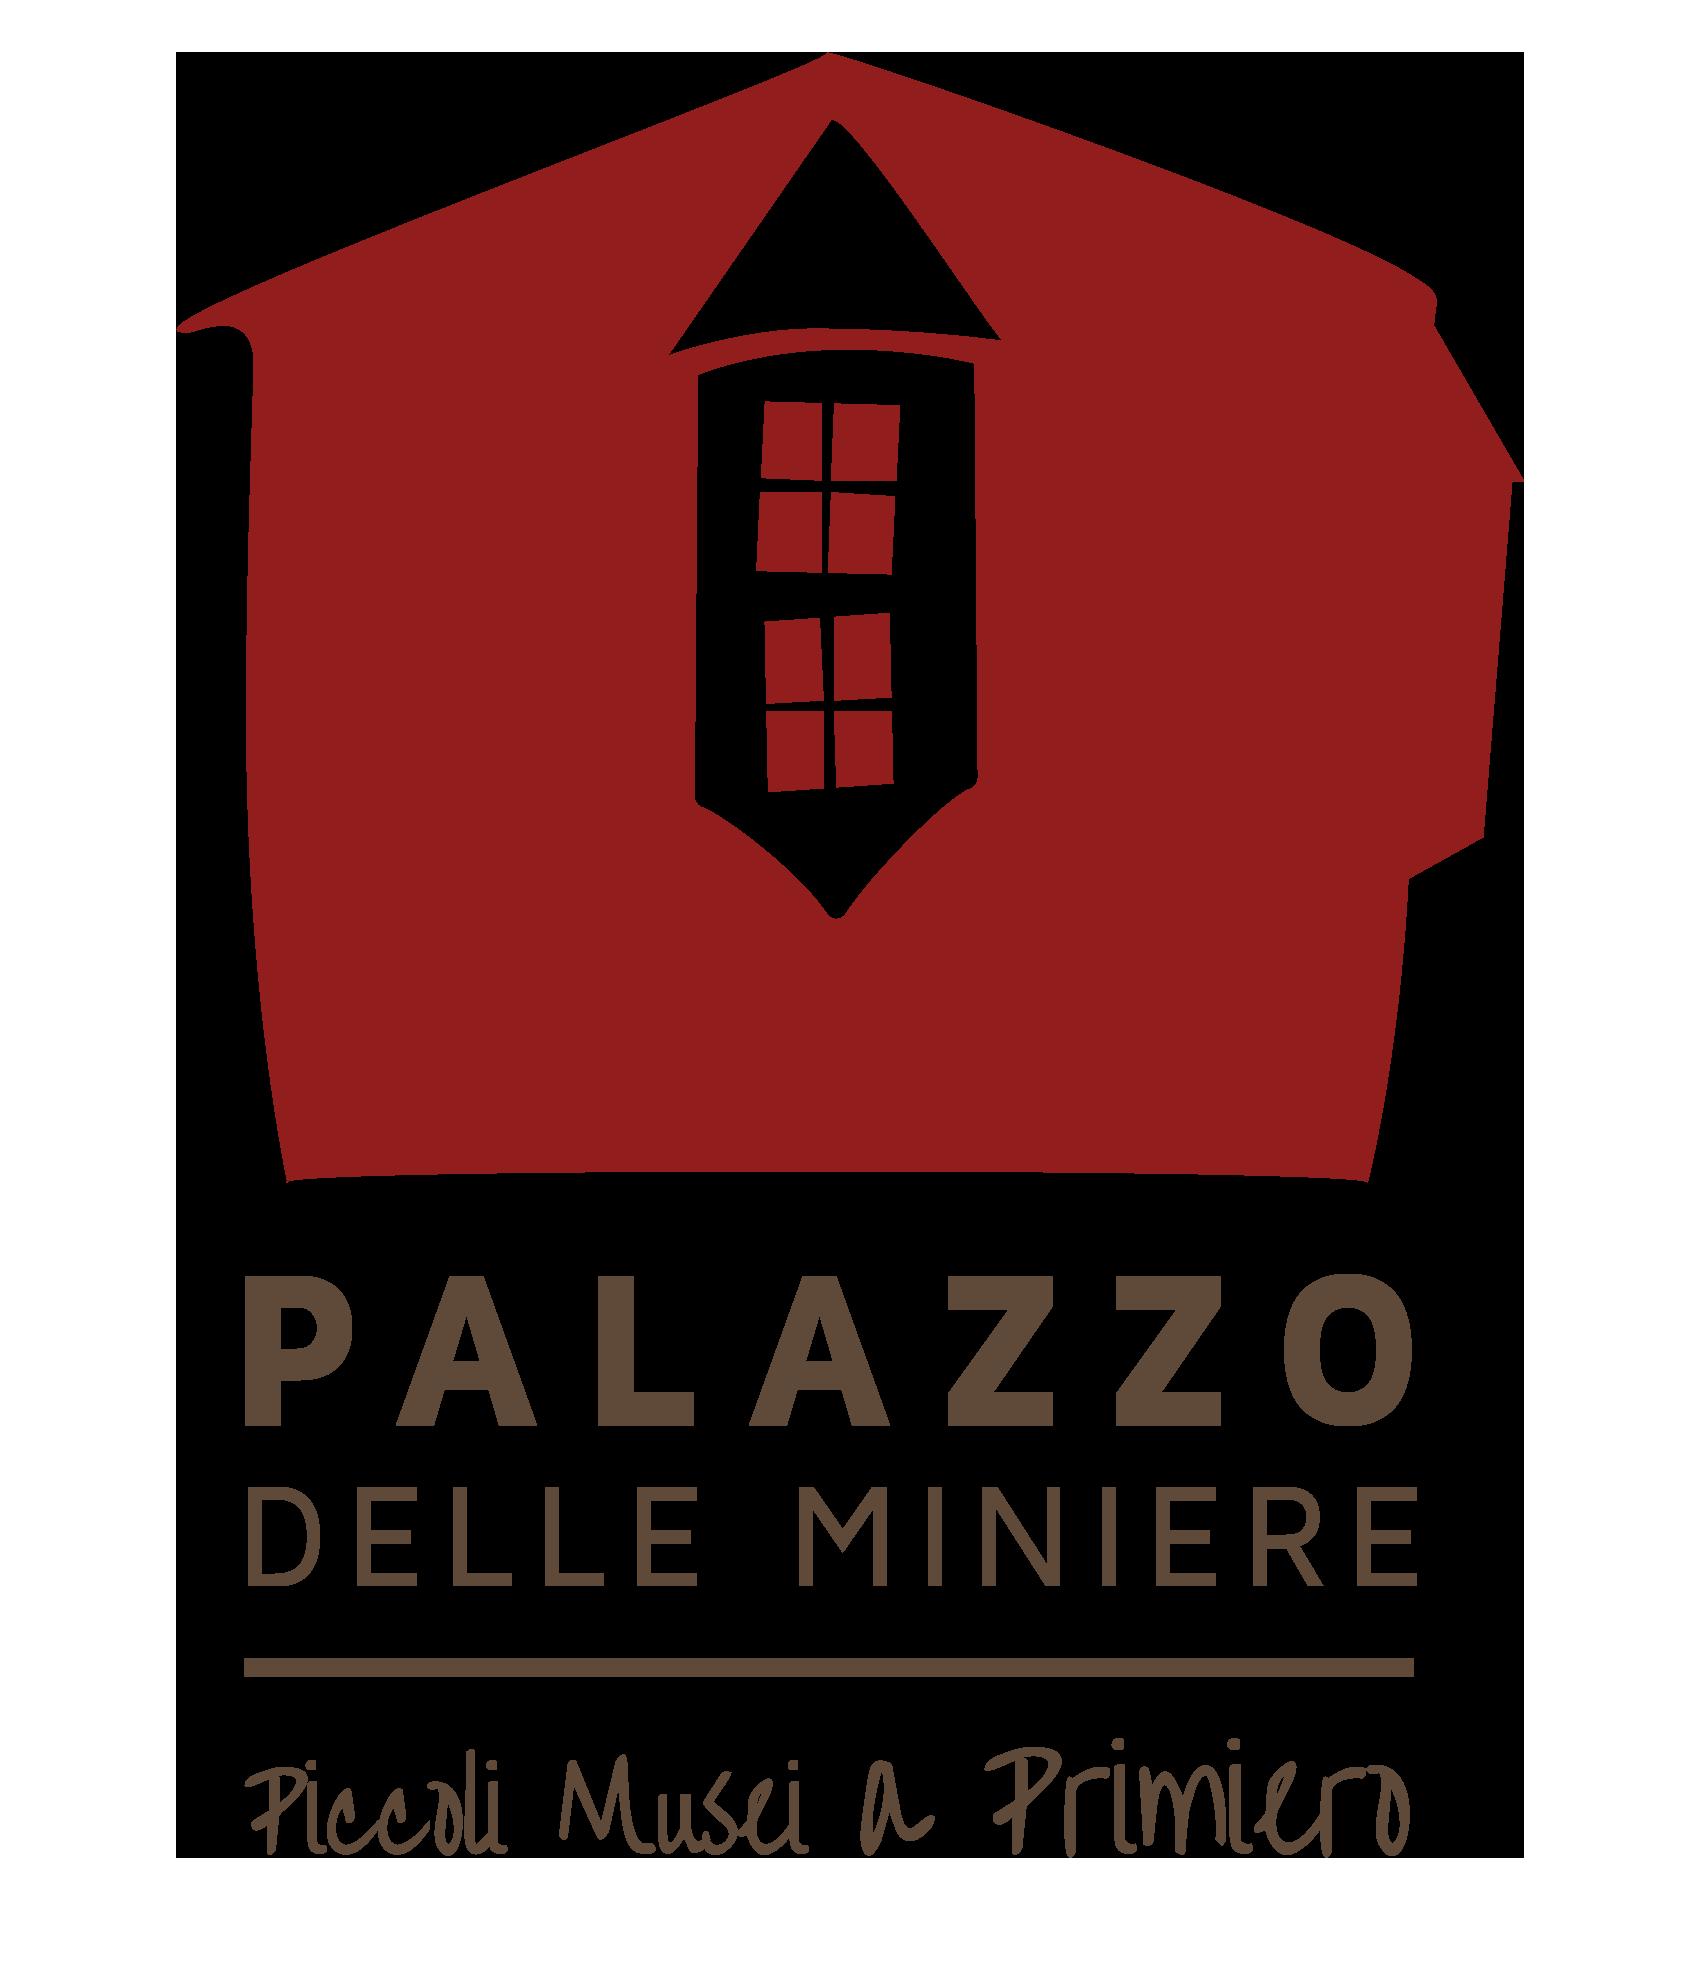 Palazzo delle Miniere